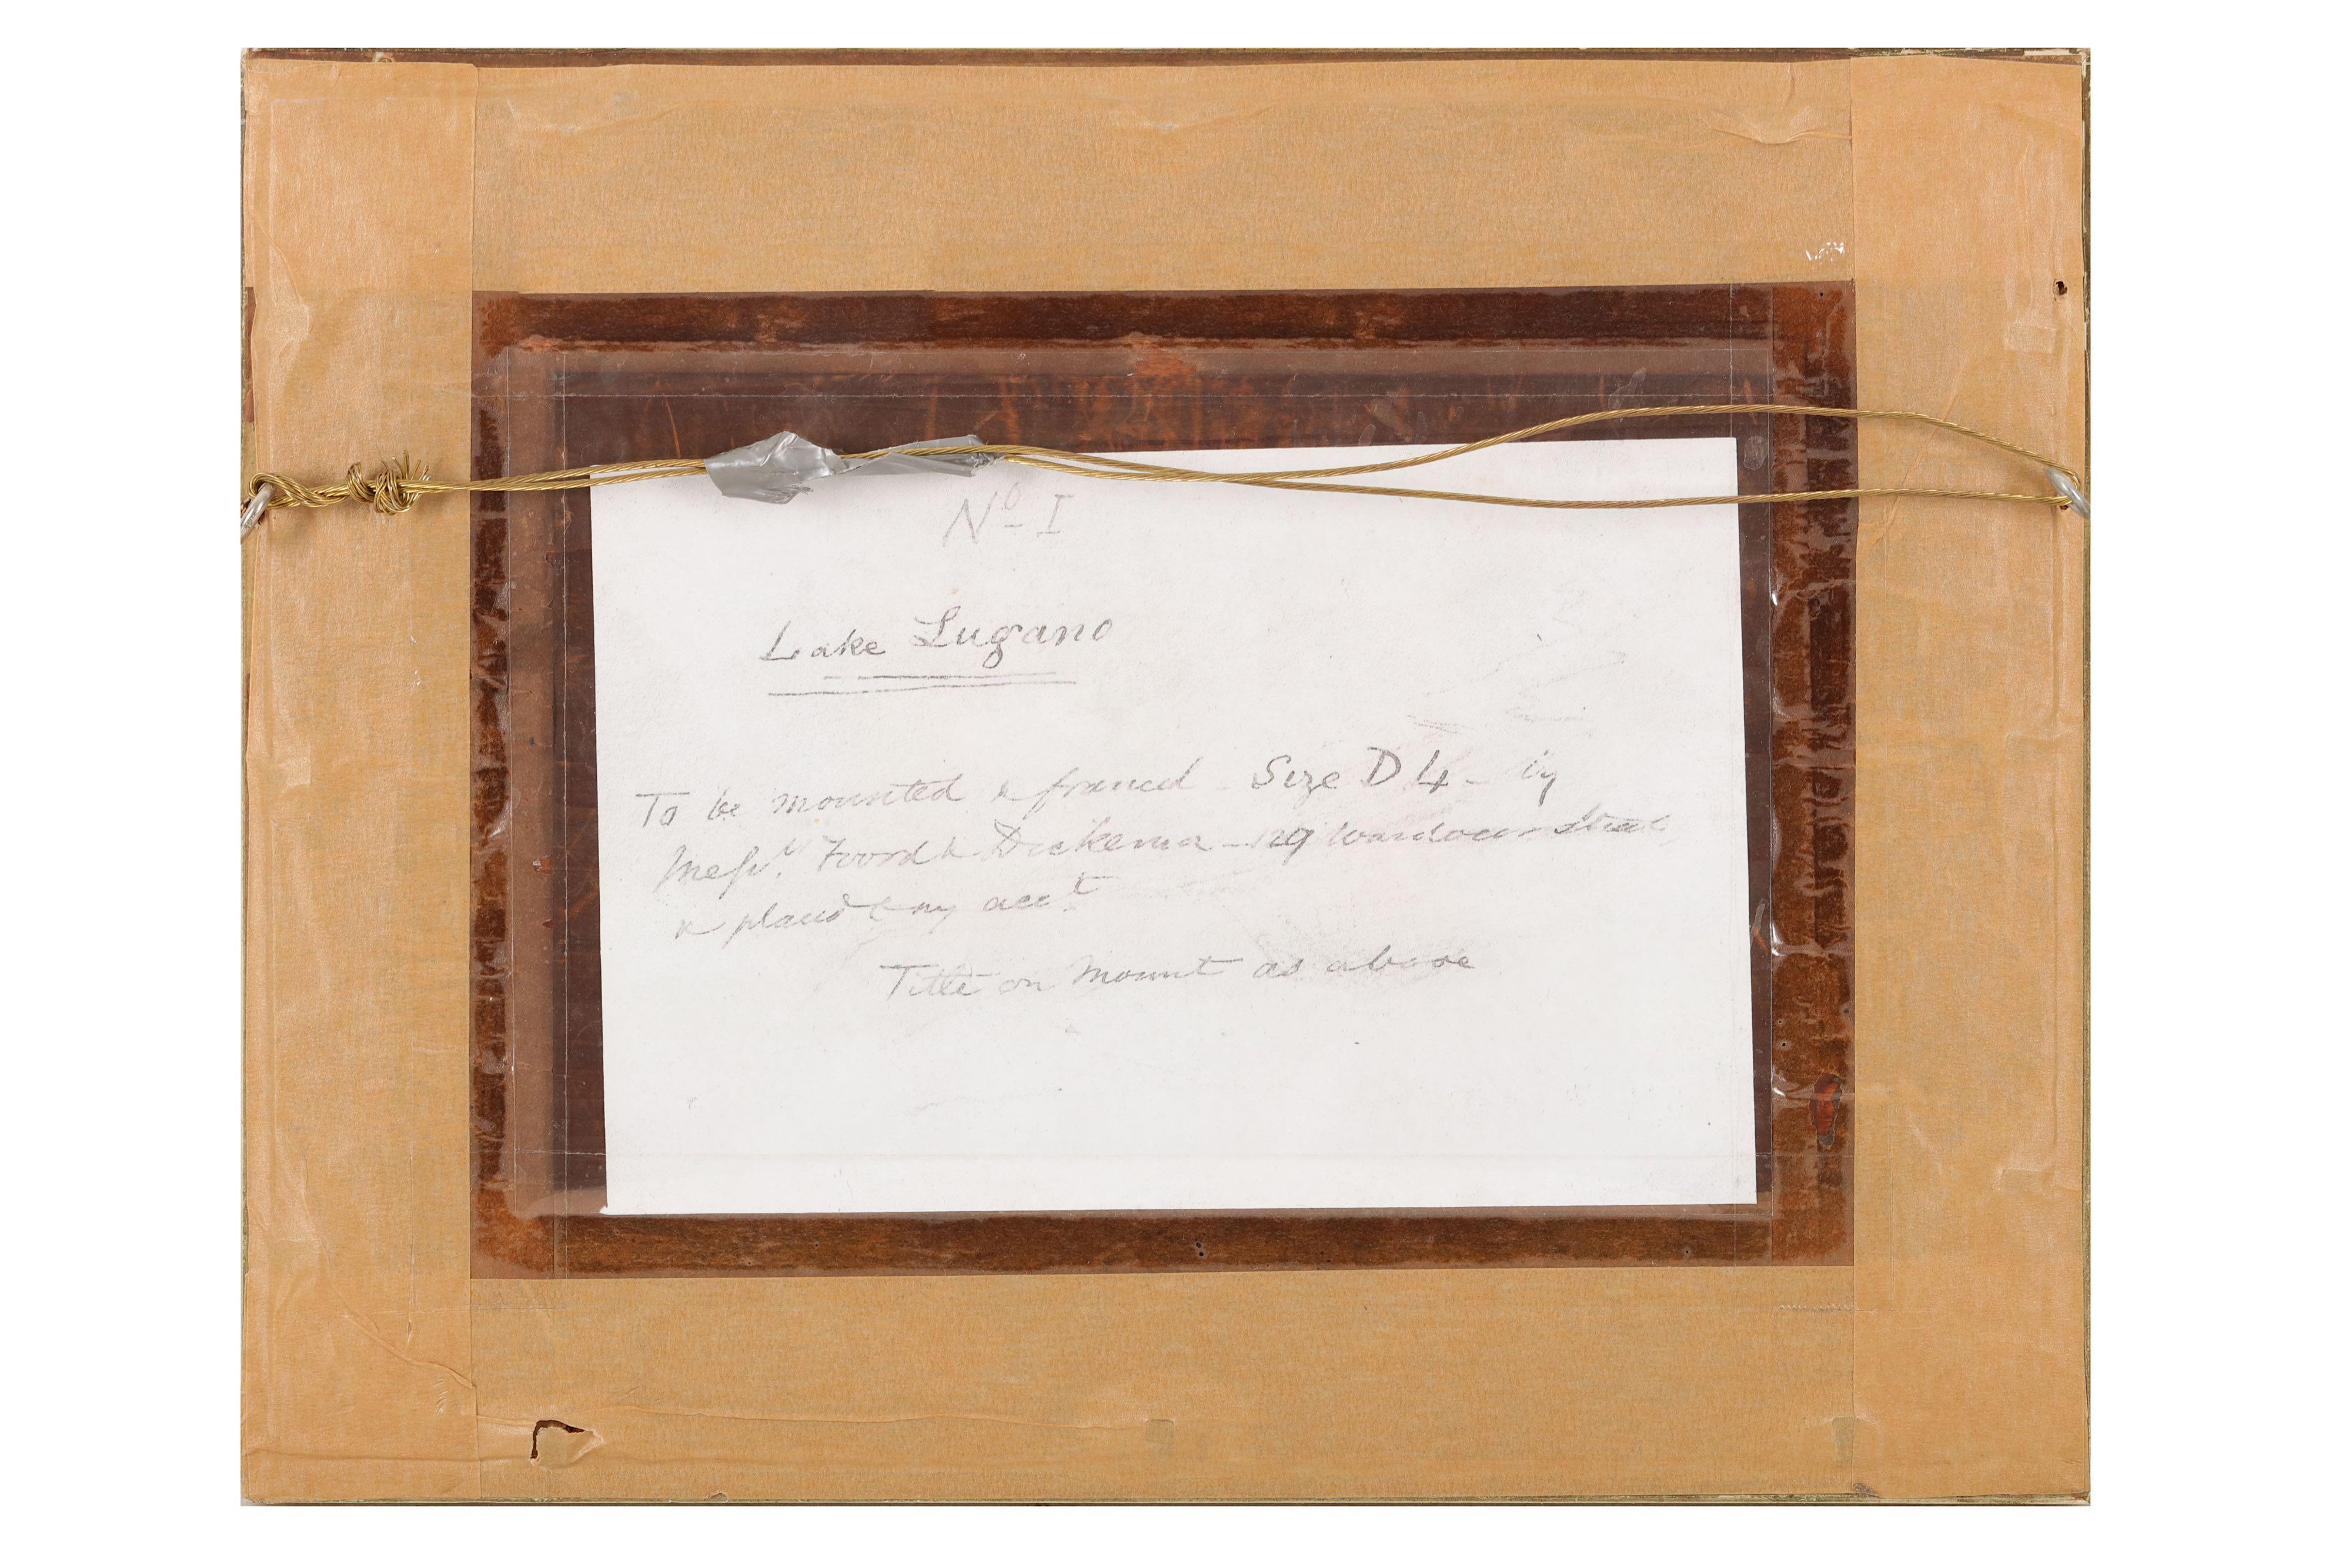 EDWARD LEAR (BRITISH 1812-1888) - Image 7 of 7